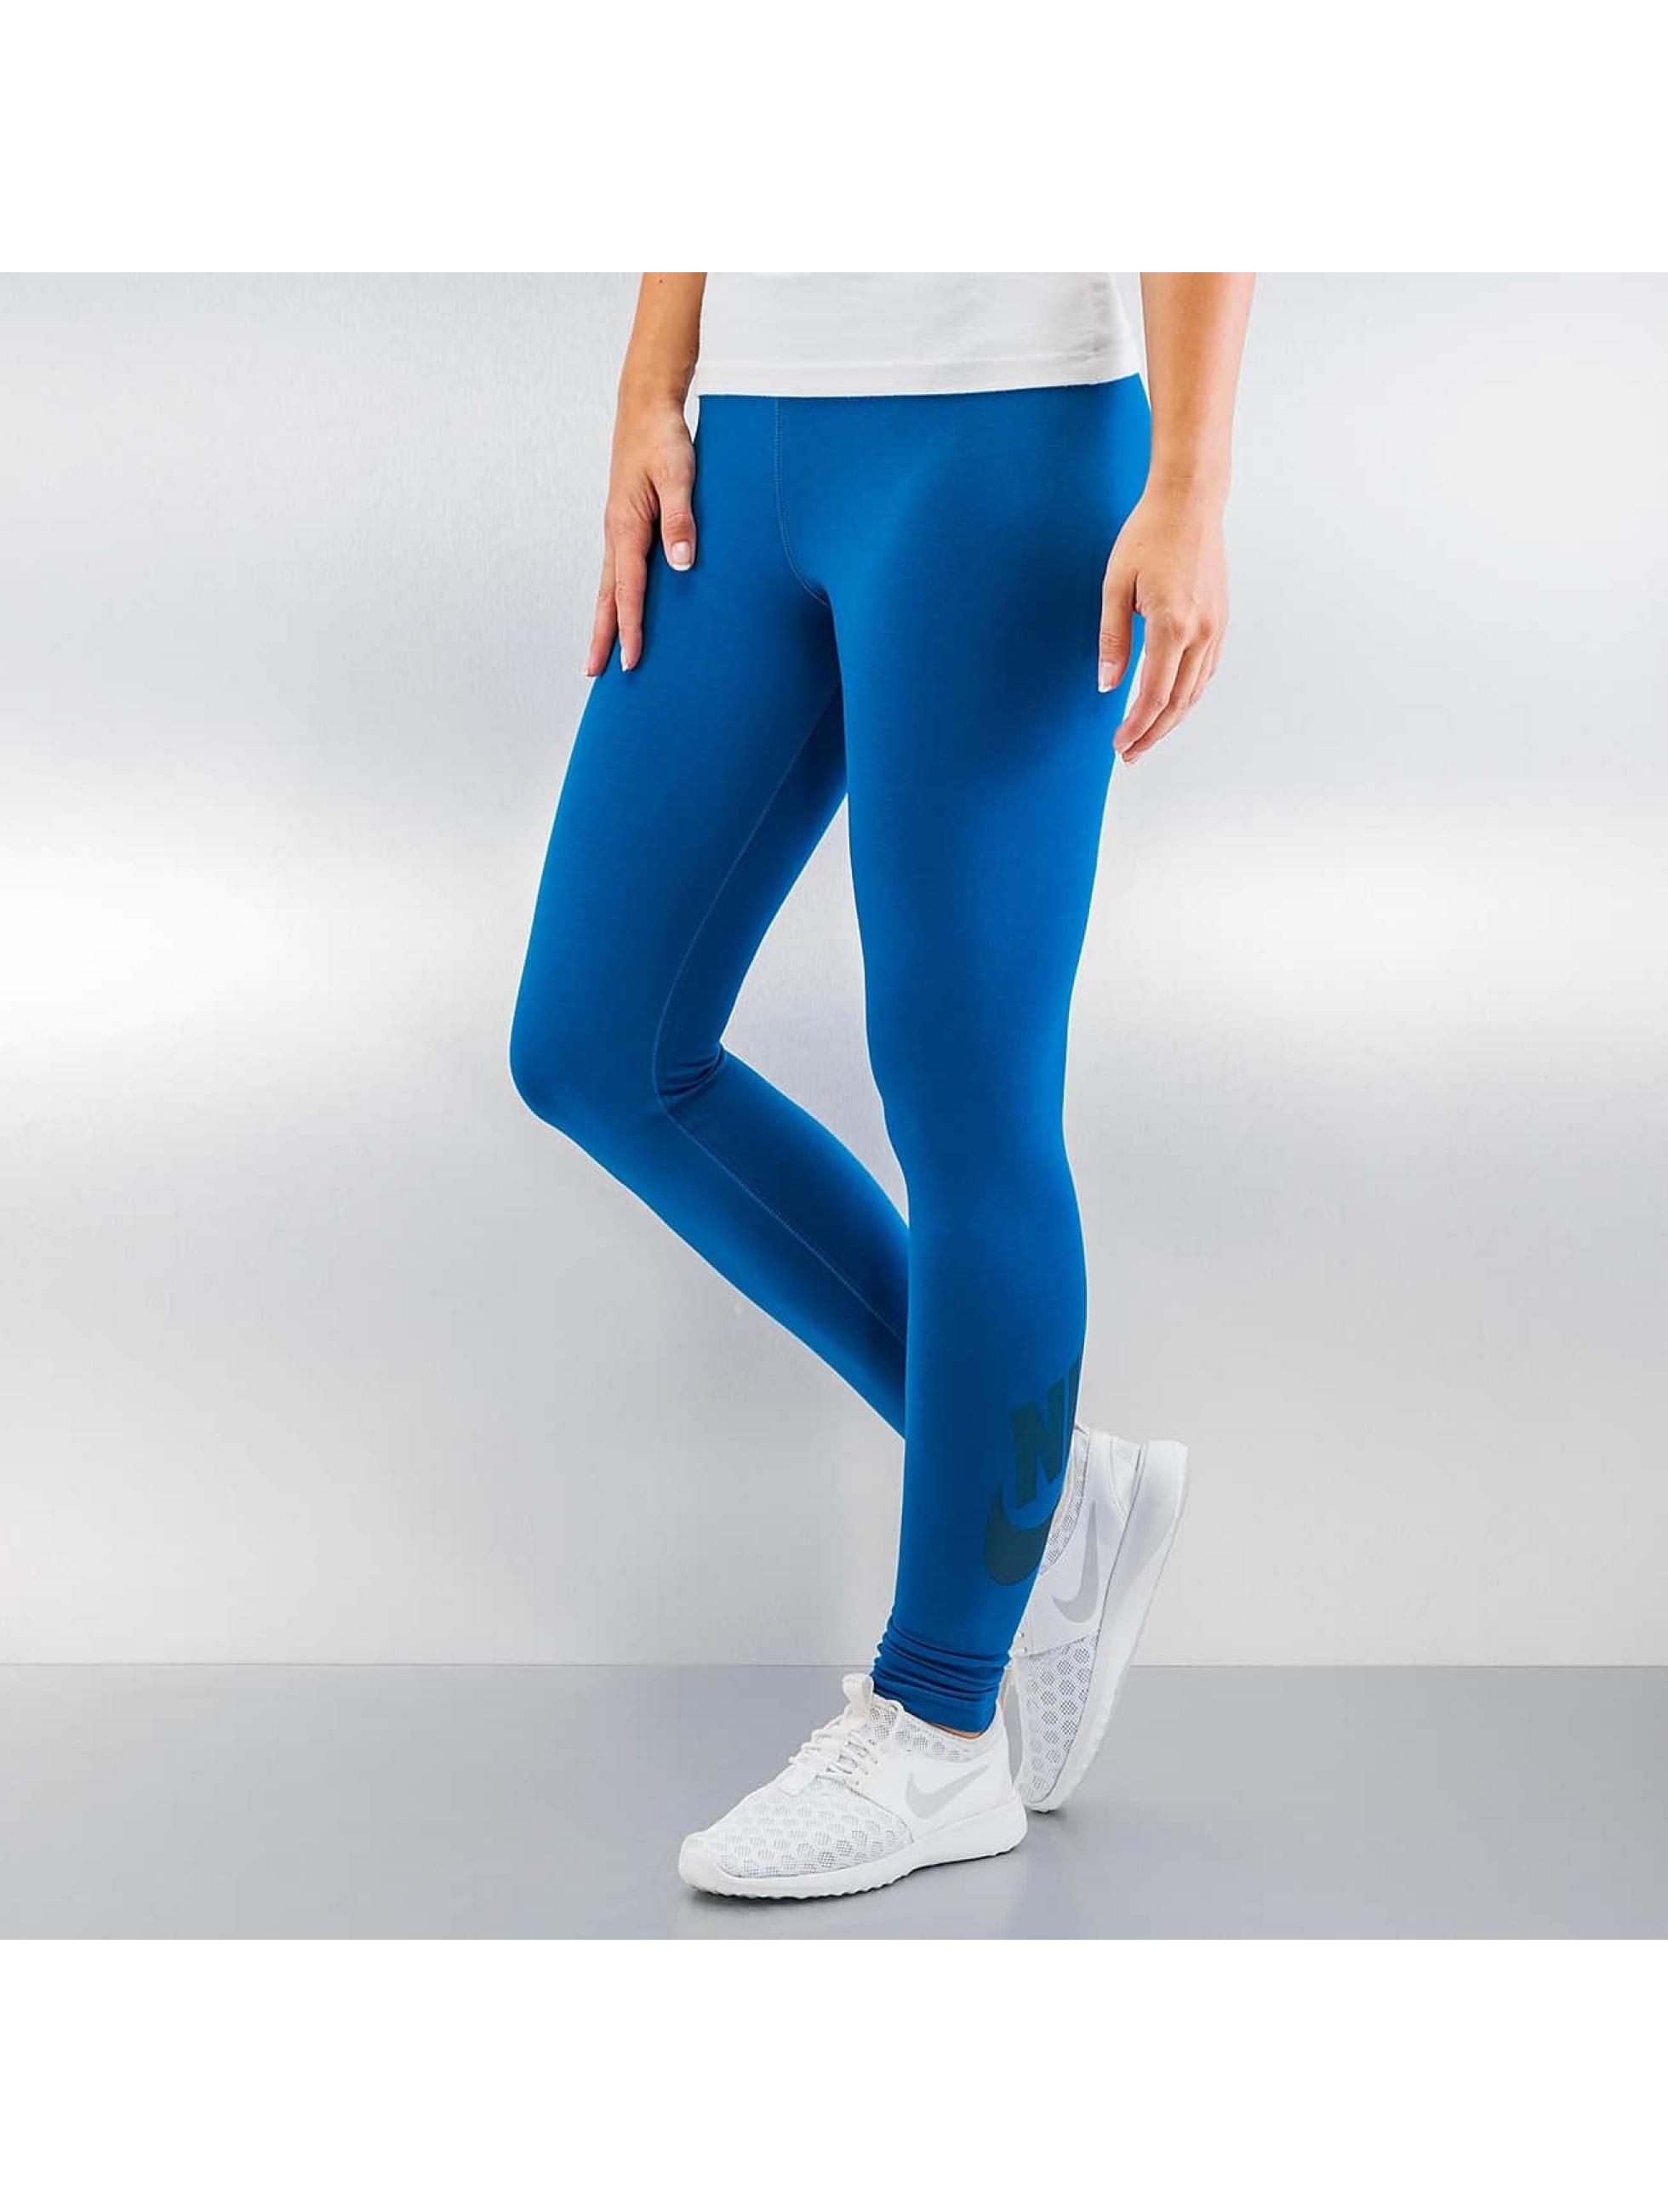 Nike Legíny/Tregíny Leg-A-See Logo modrá